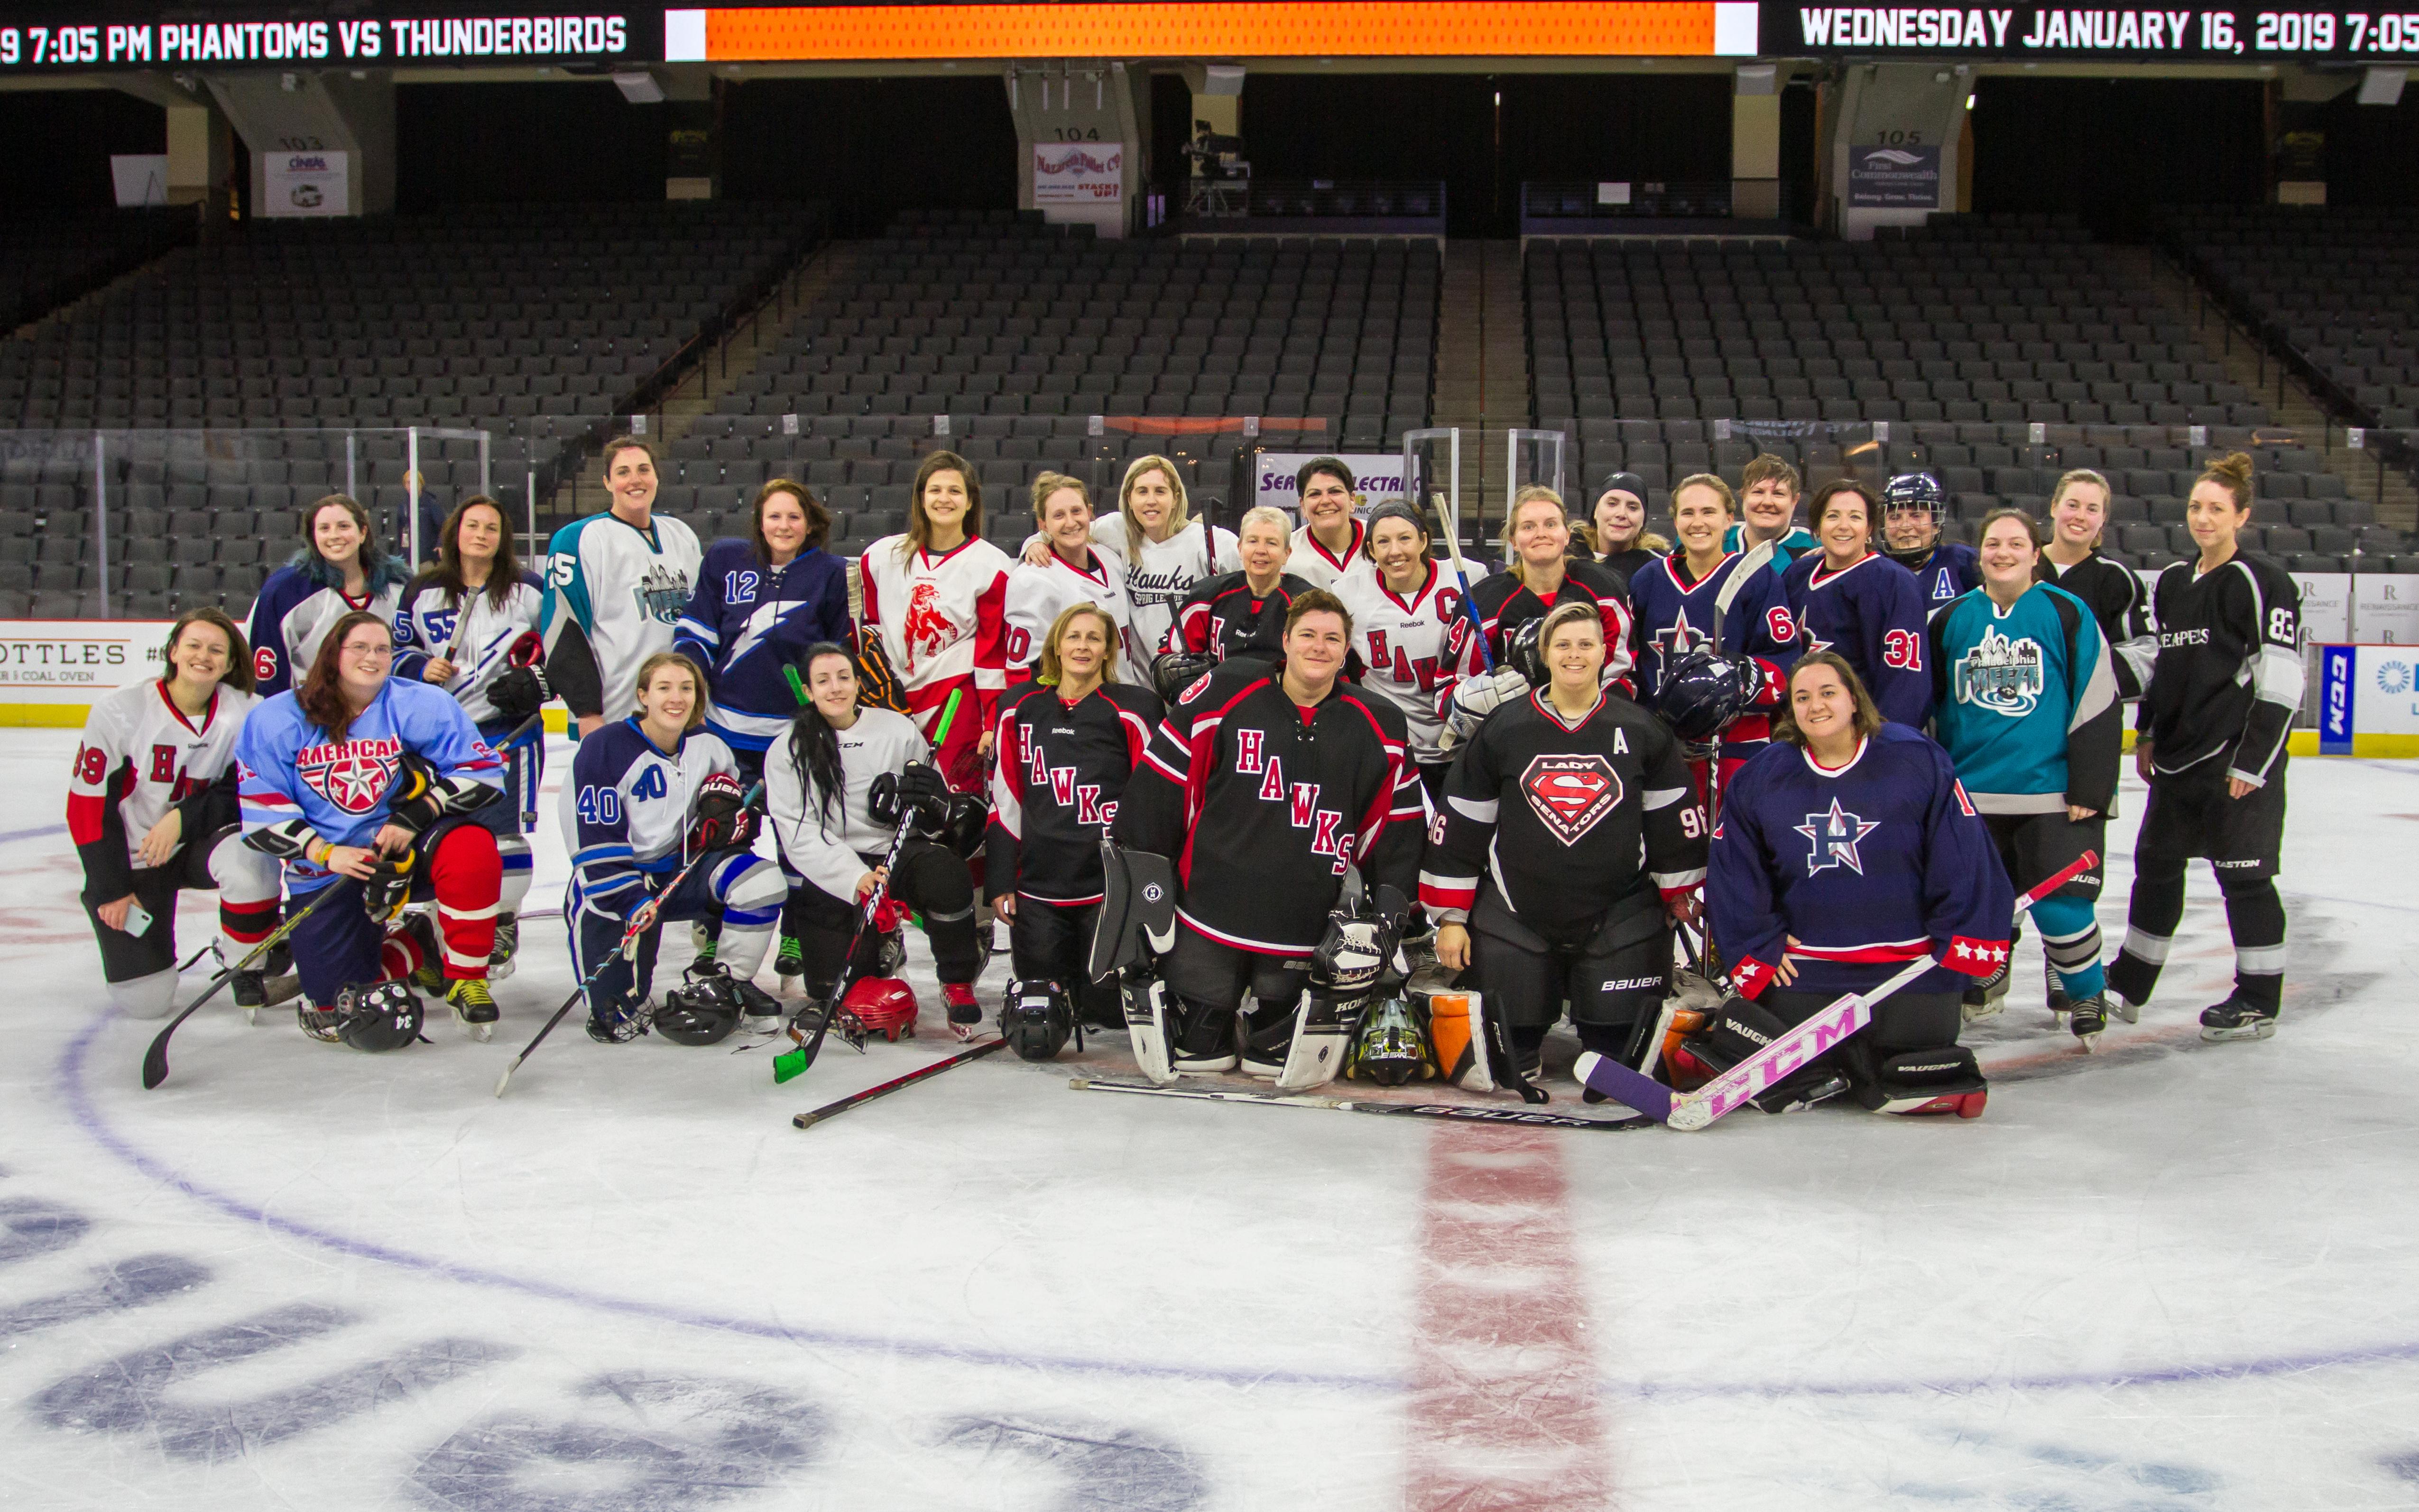 2019 UWHL Winter Classic - D2/D3 All-Stars